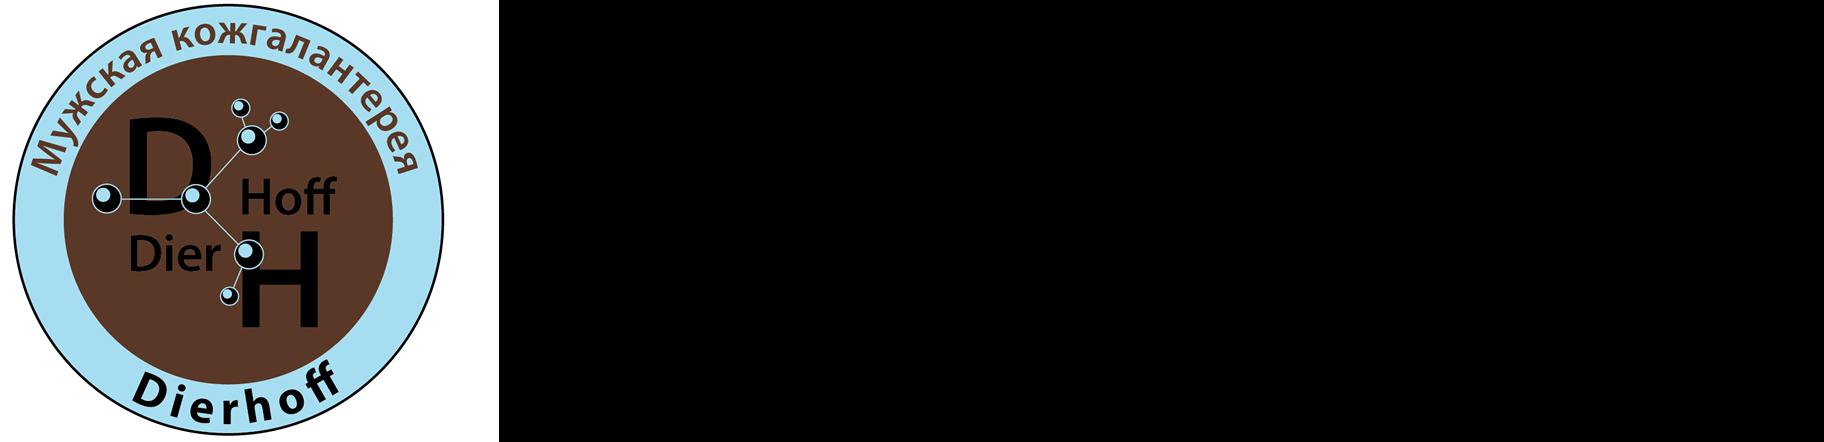 Интернет-магазин Dierhoff24